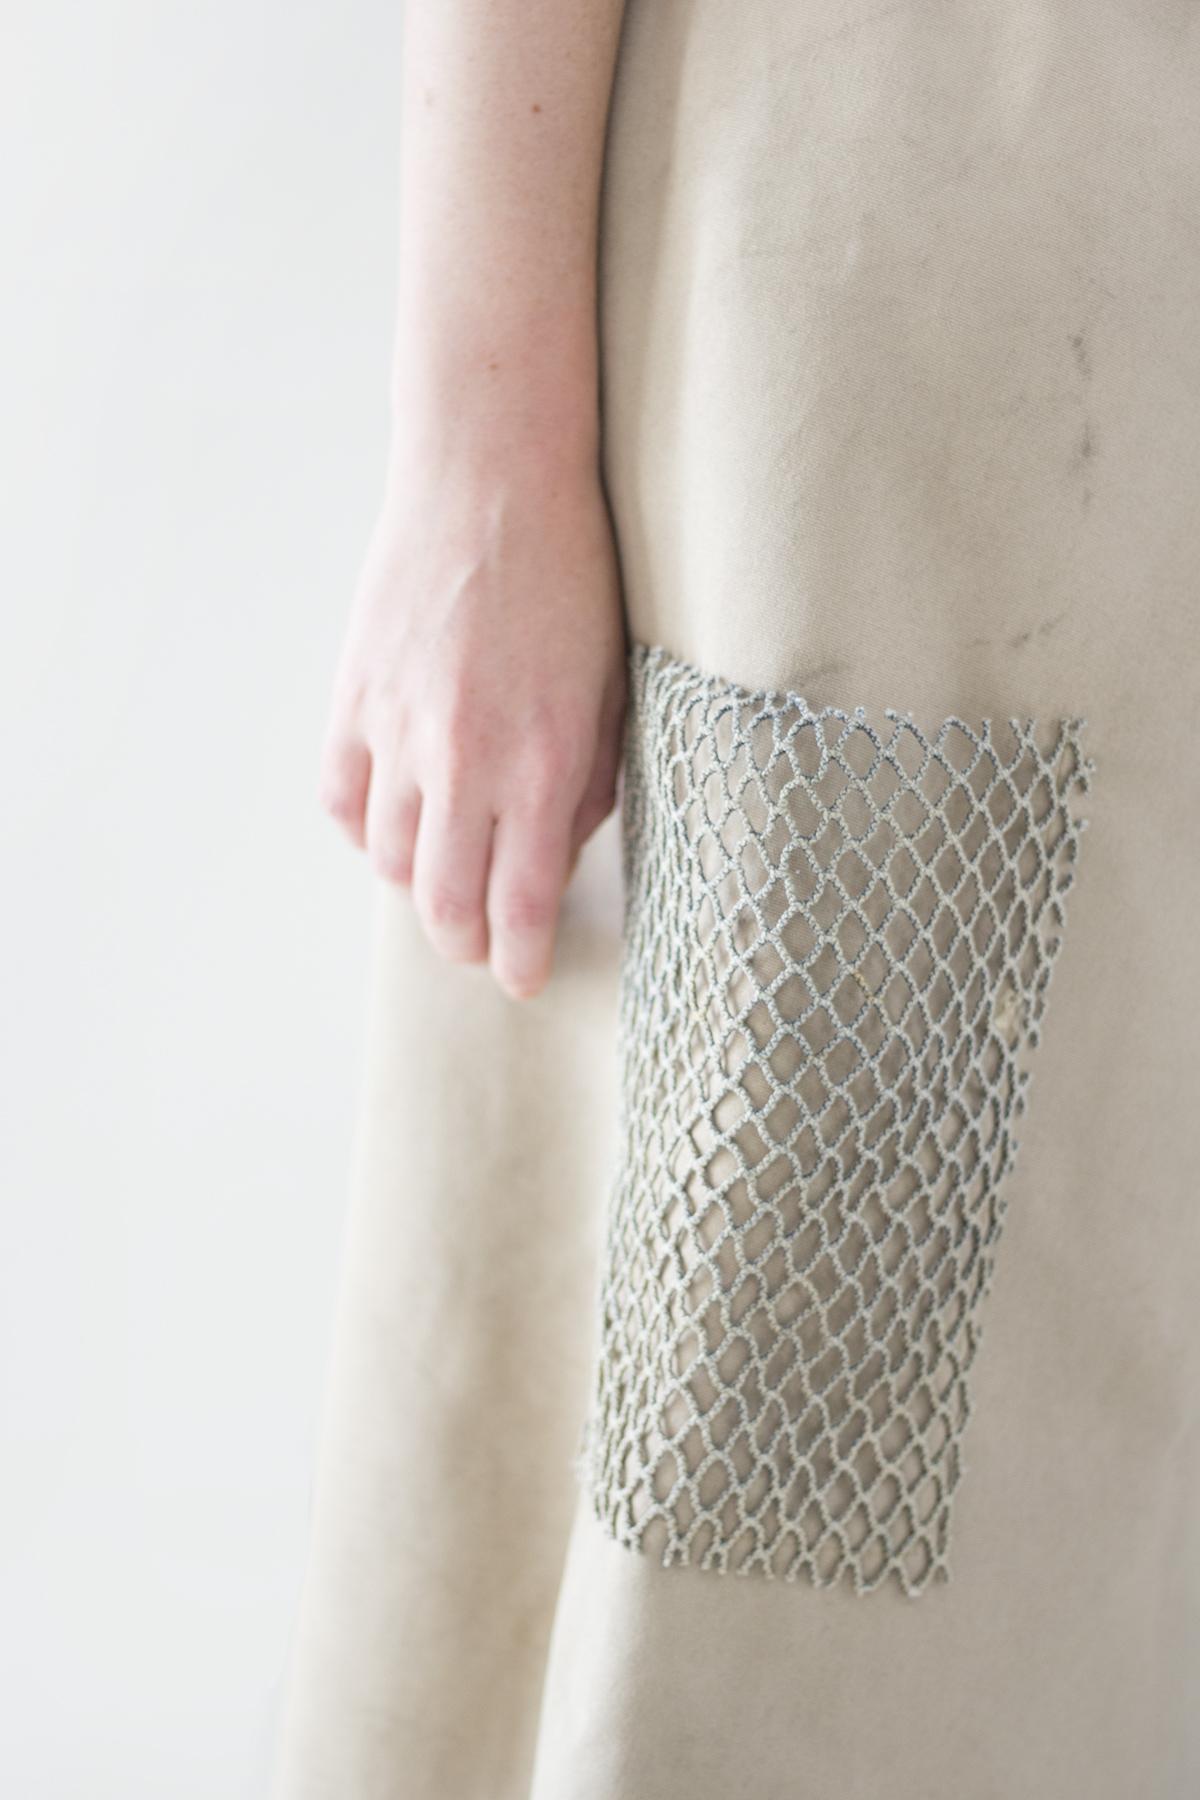 Marca slow fashion usa lonas e redes tirados do mar para criar coleção7